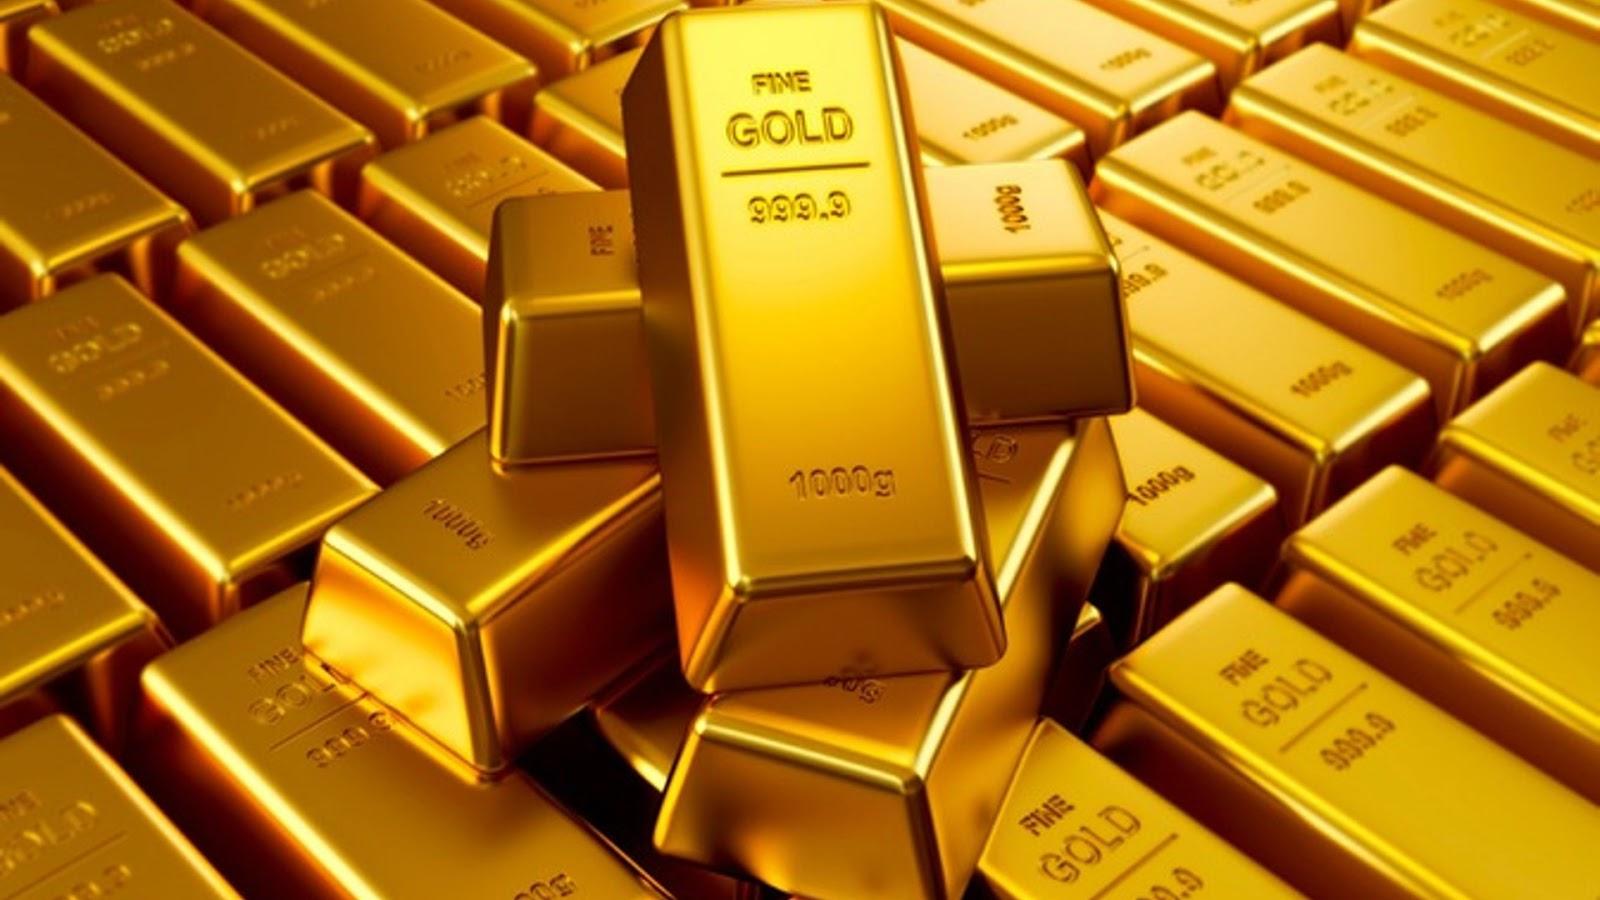 الذهب يثبت قوته في ظل الأزمات الاقتصادية